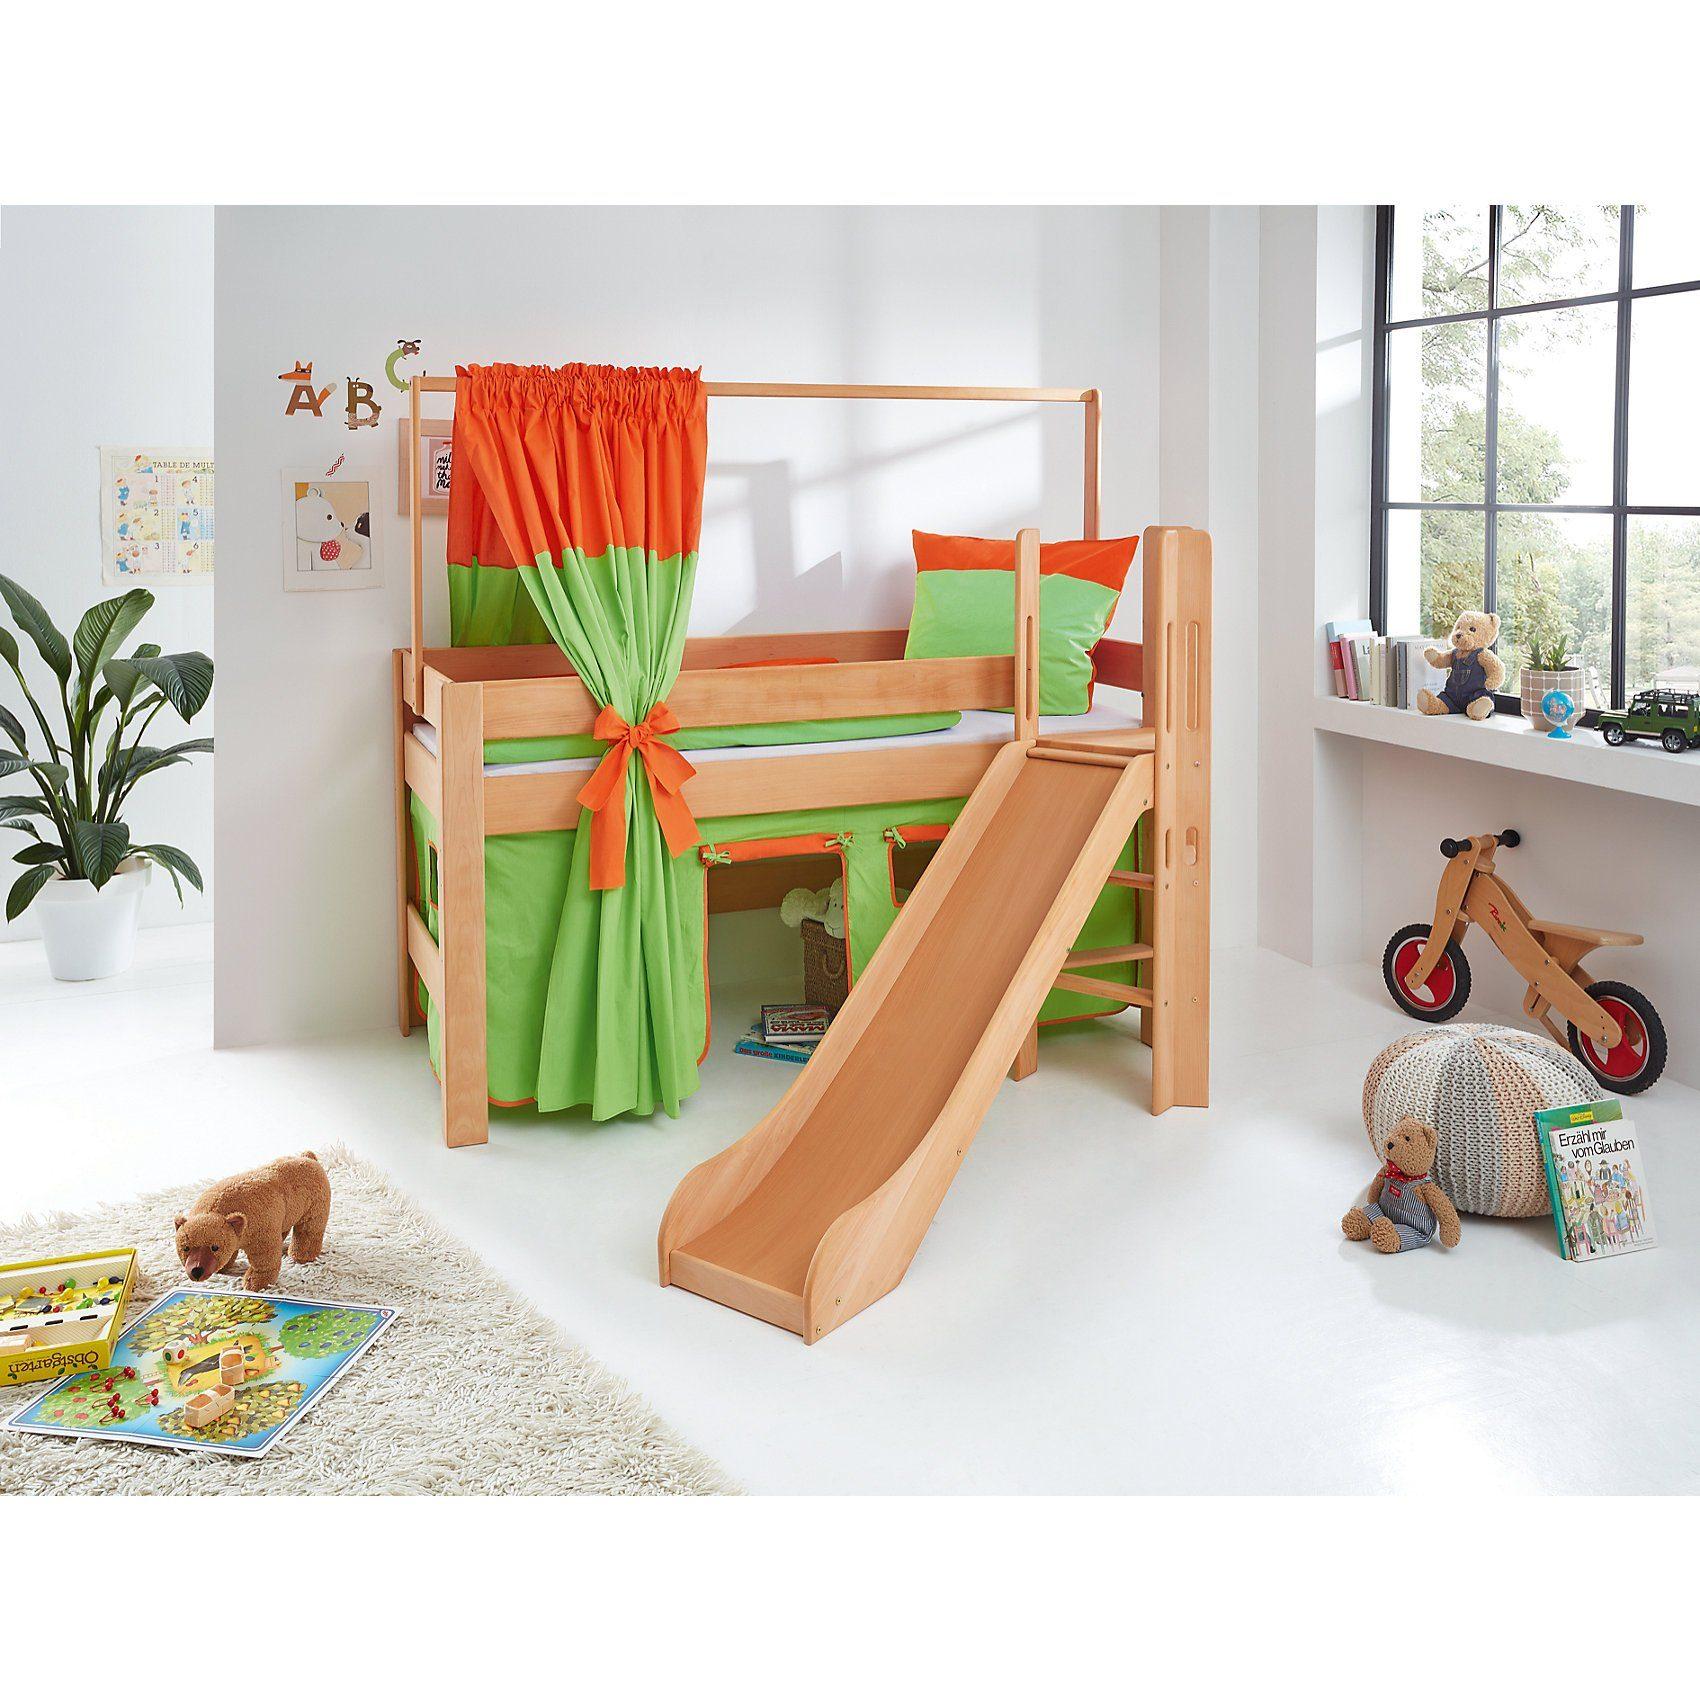 Relita Zeltstoffset für Spielbett LEO, grün/orange